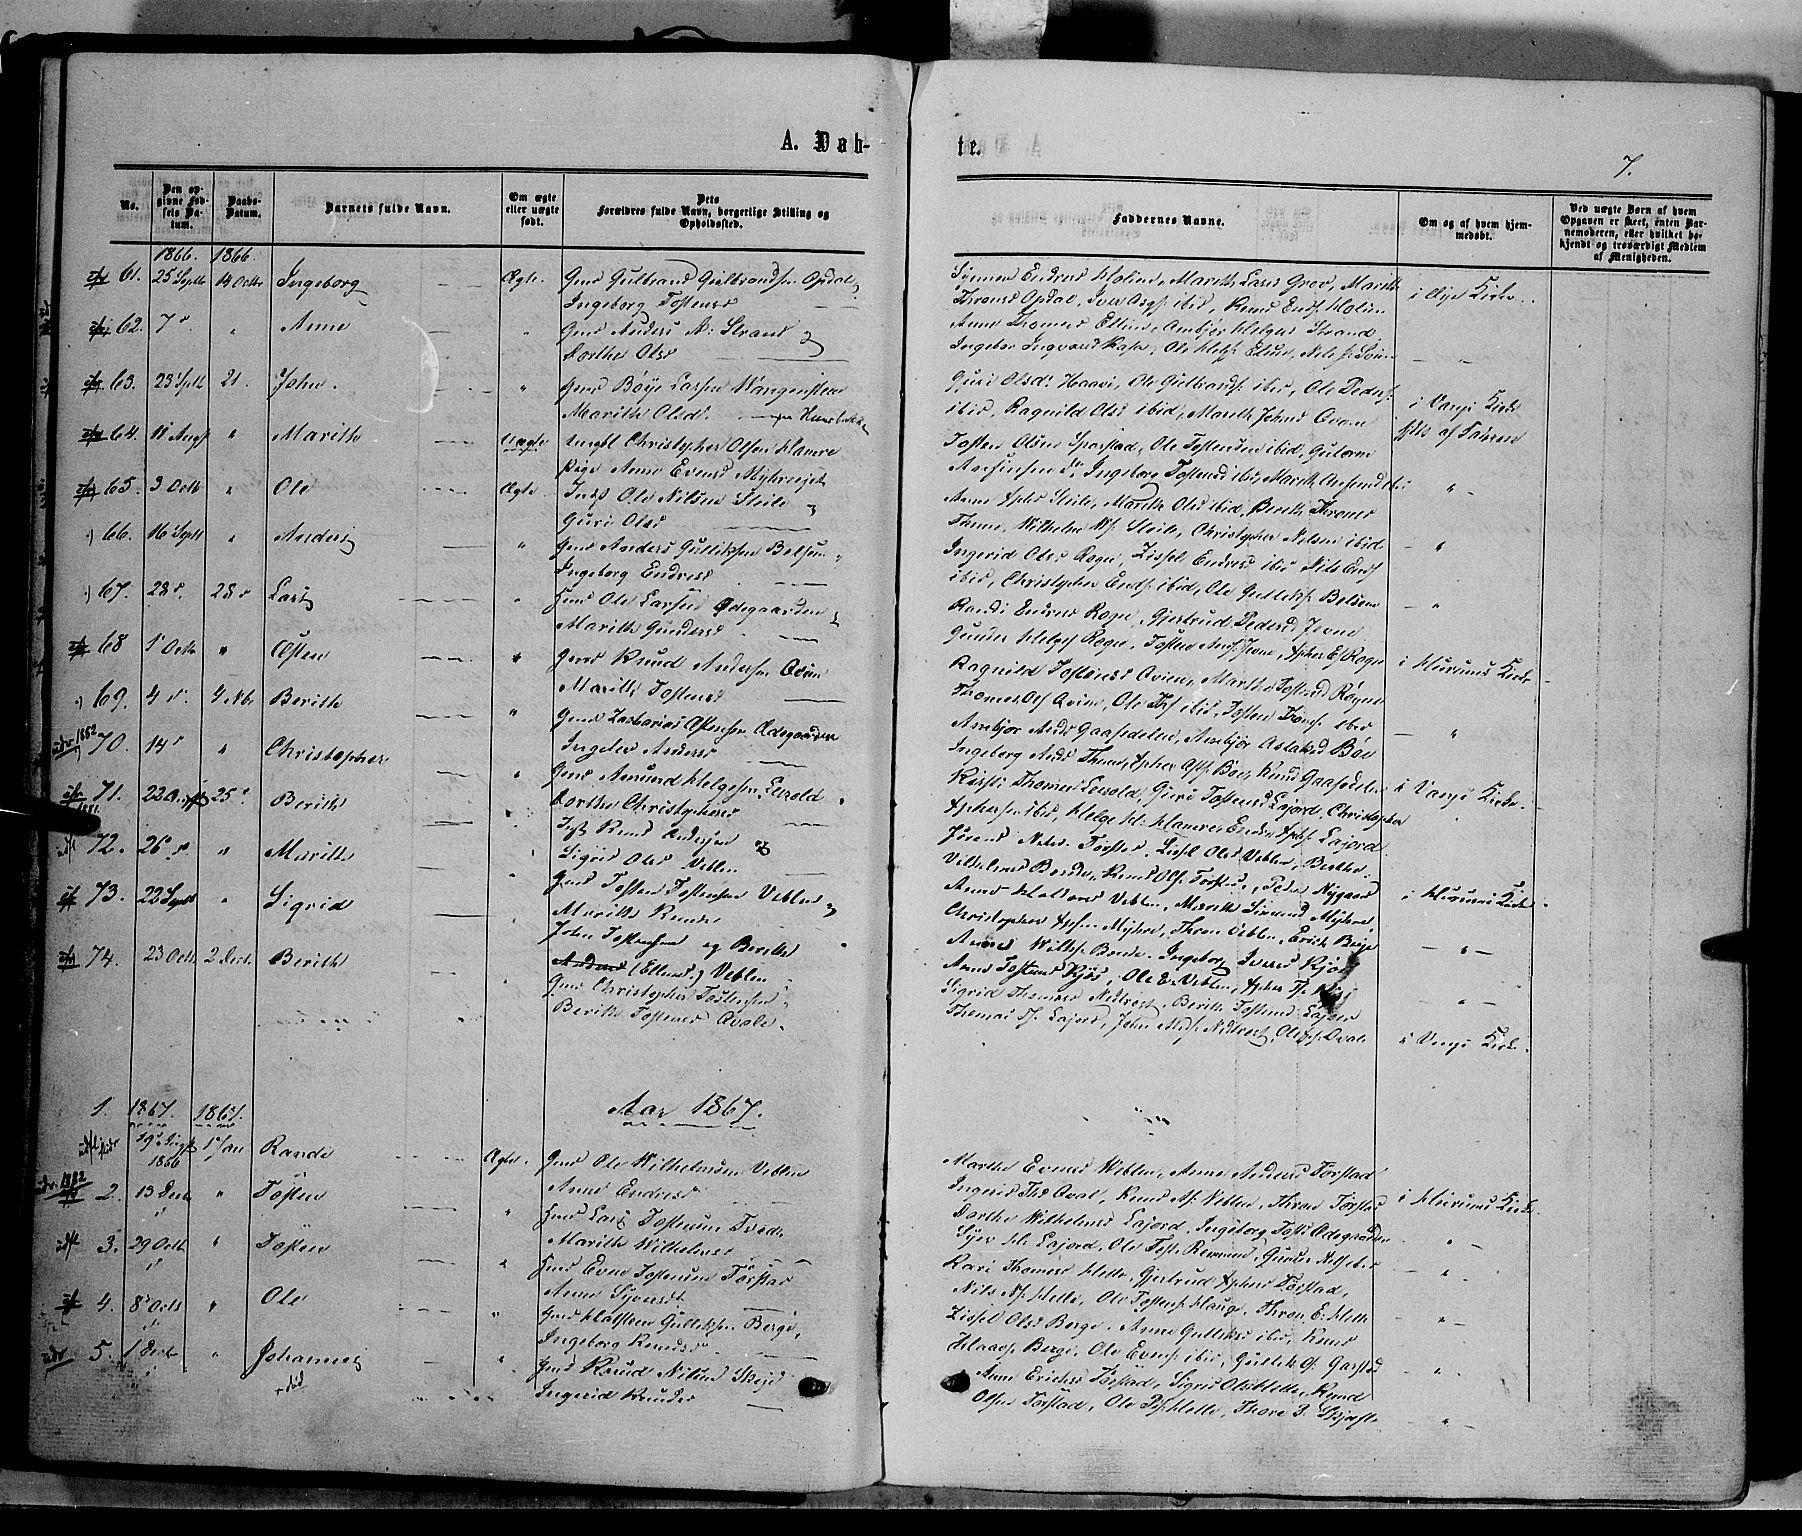 SAH, Vang prestekontor, Valdres, Ministerialbok nr. 7, 1865-1881, s. 7